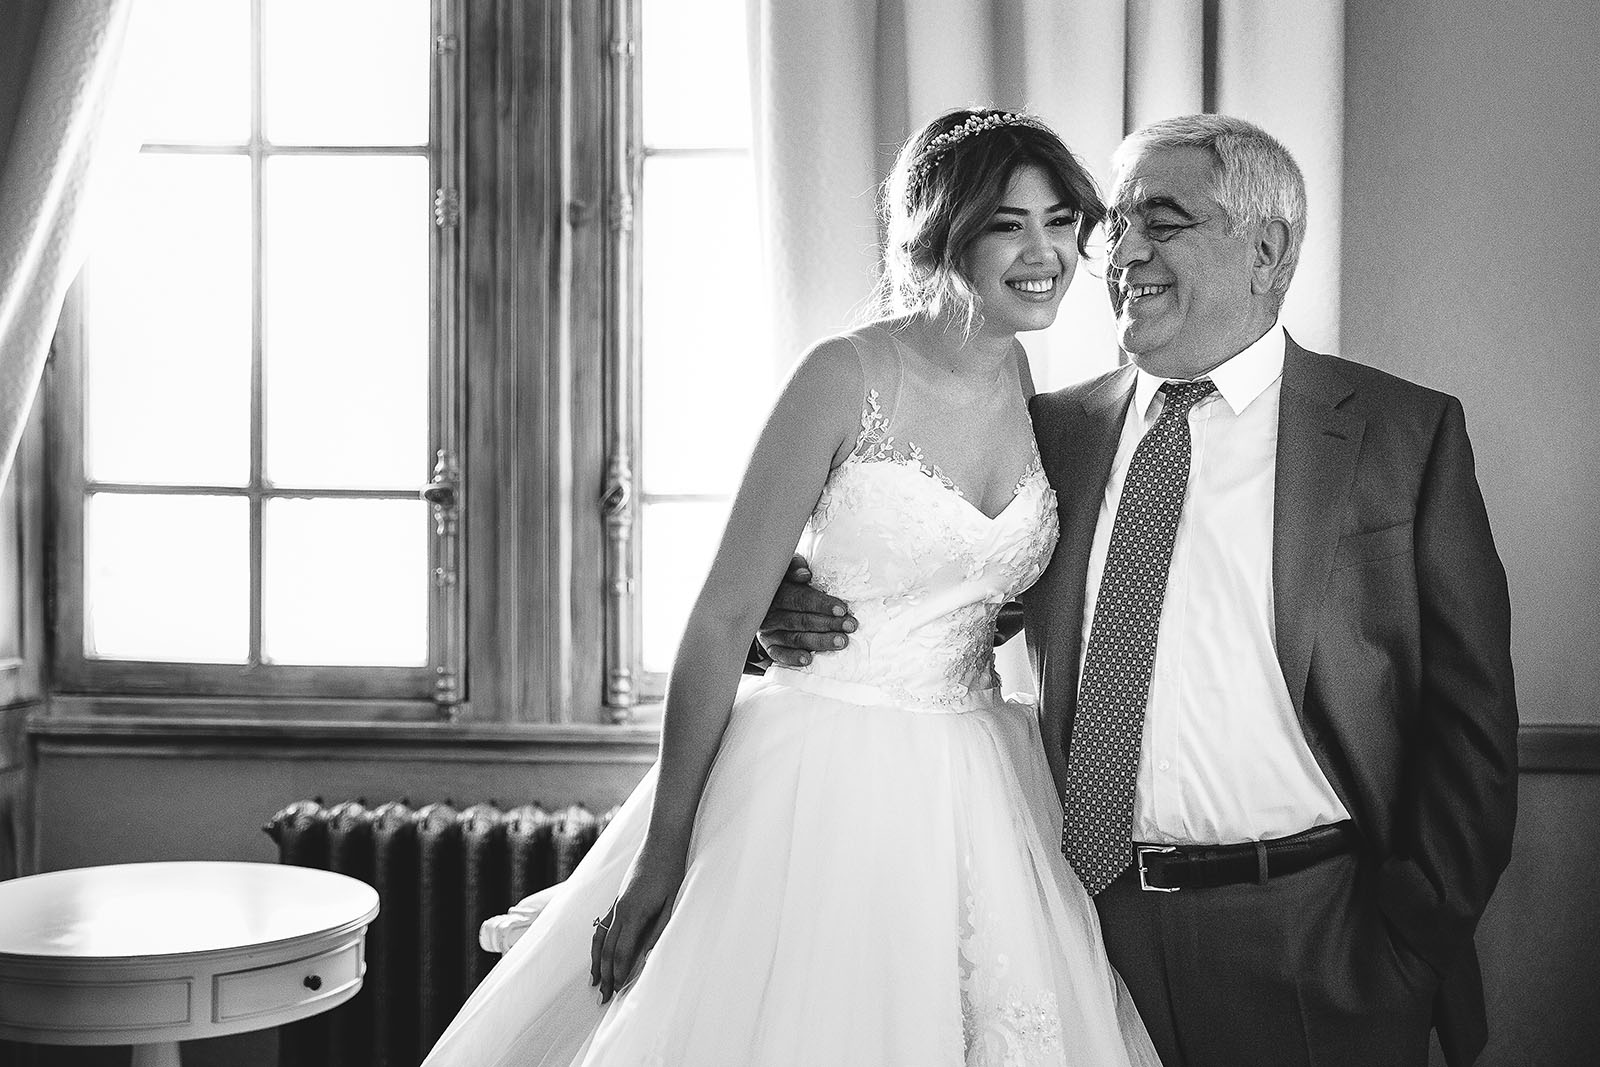 Mariage au Château de Beguin David Pommier photographe de mariage. Portrait de la famille Badeyan venu d'Arménie